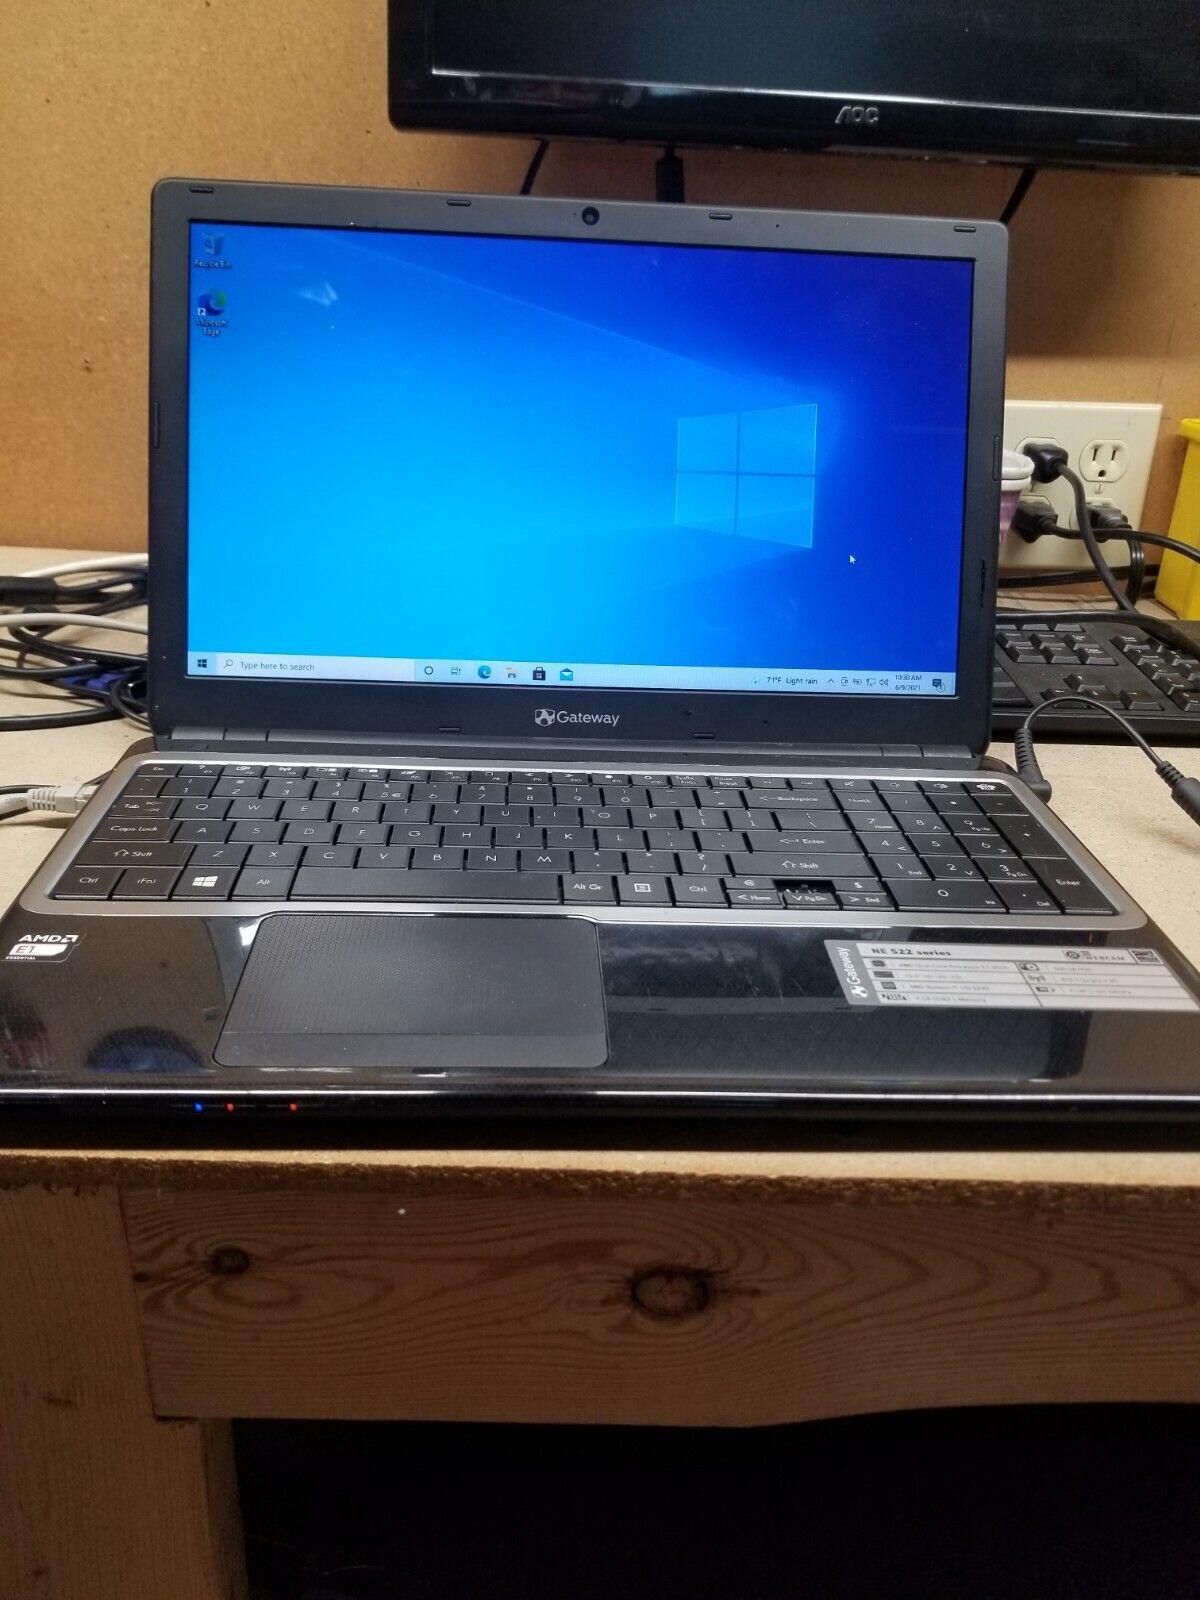 """Laptop Windows - Gateway NE52203u15.6"""" AMD E1-2500 @ 1.40GHz 4GB RAM 250GB HDD Windows 10 Home"""